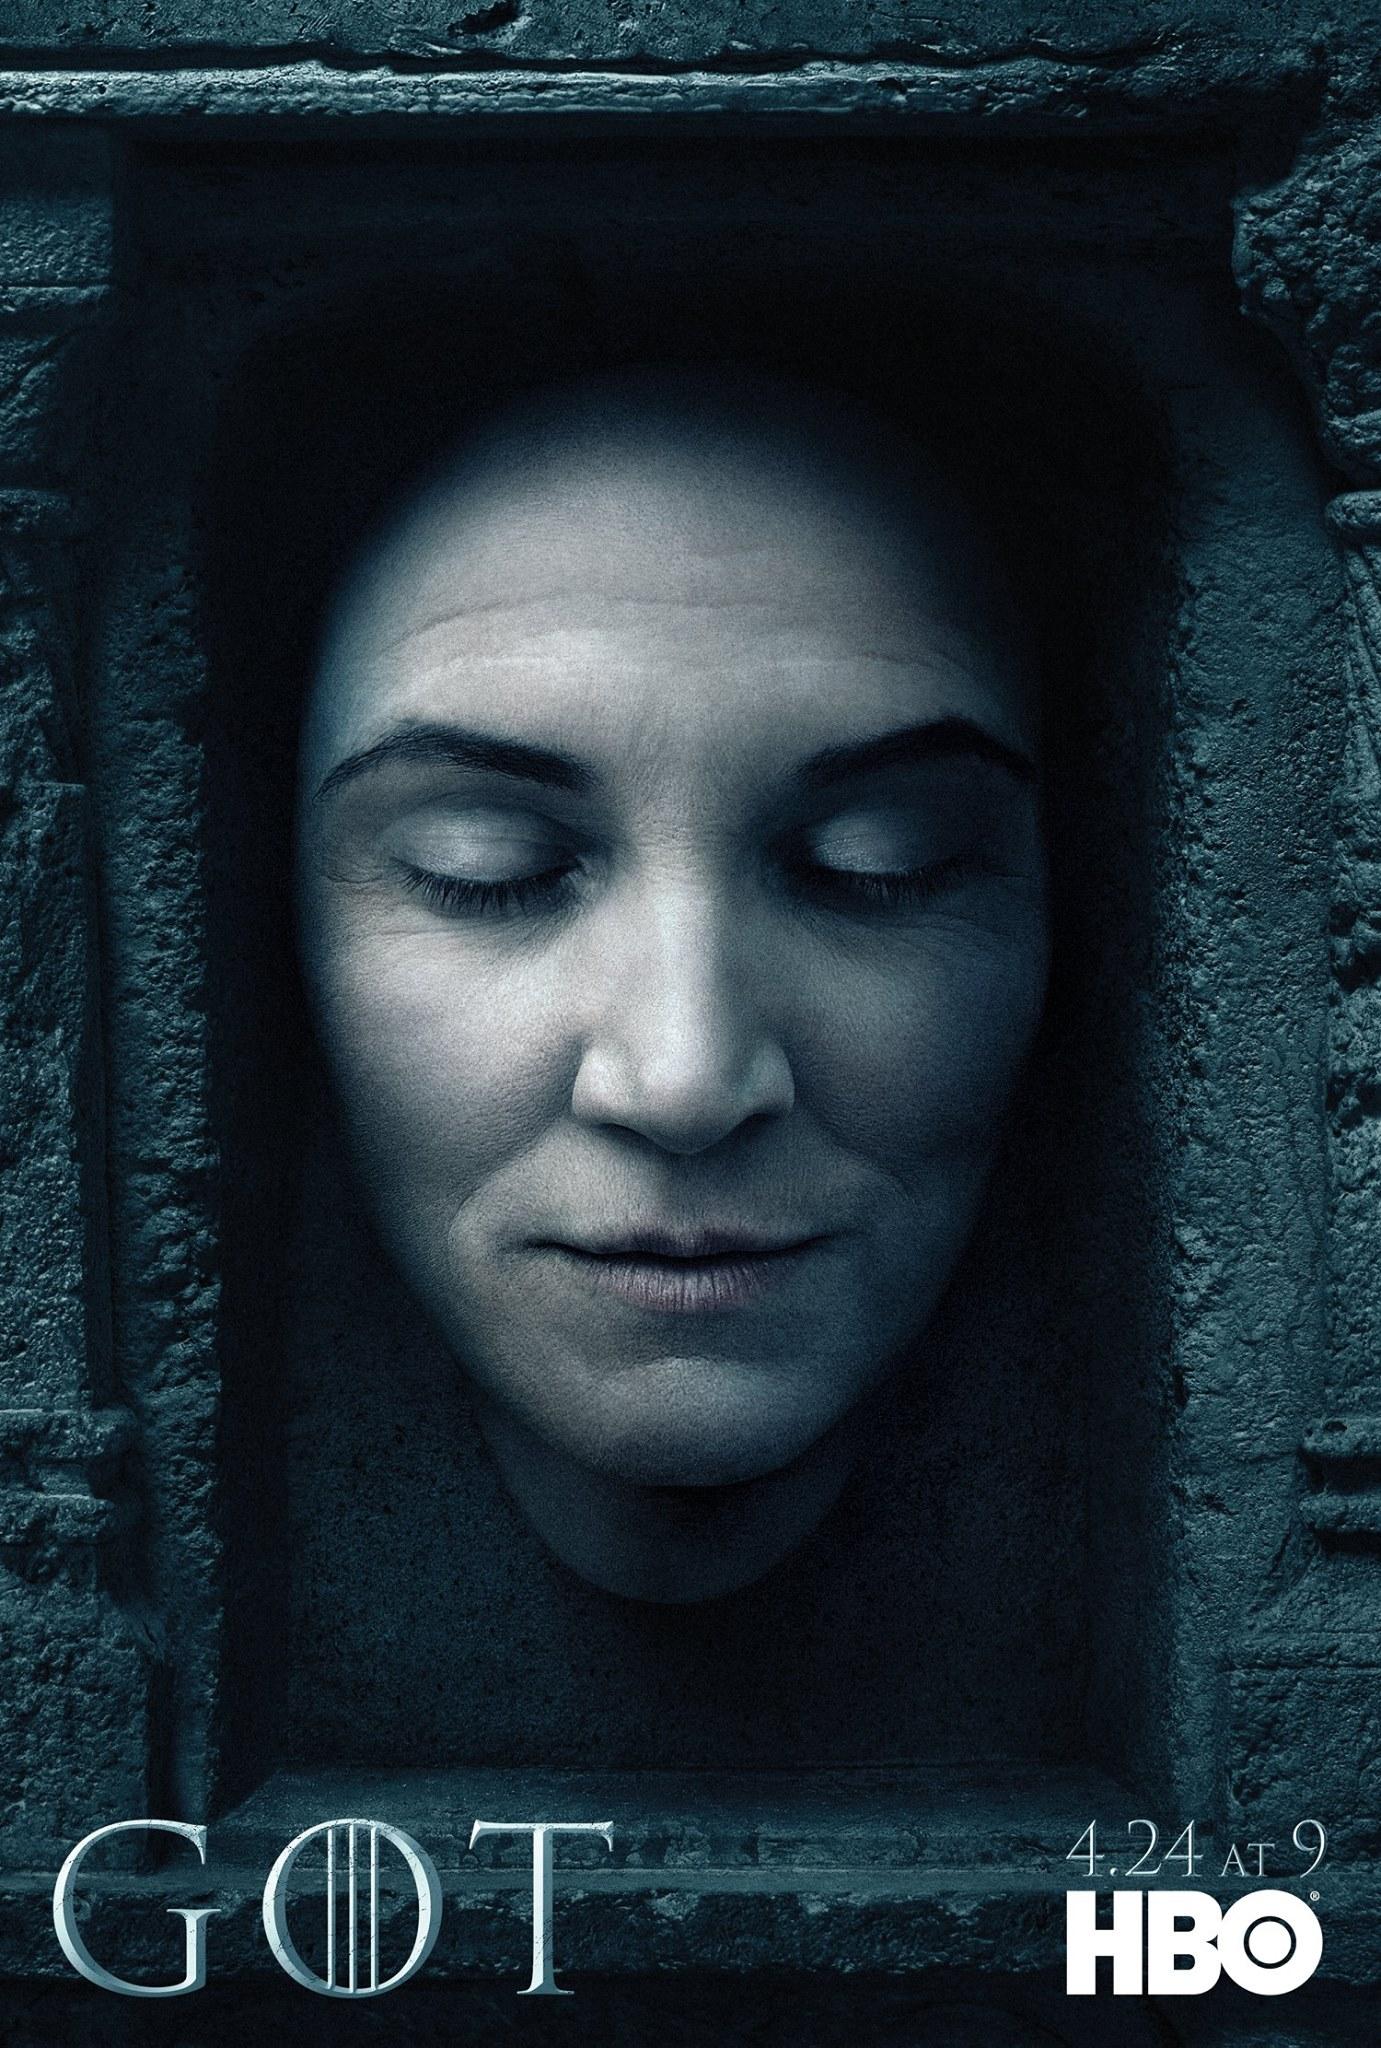 Il trono di spade: il character poster di Catelyn Stark